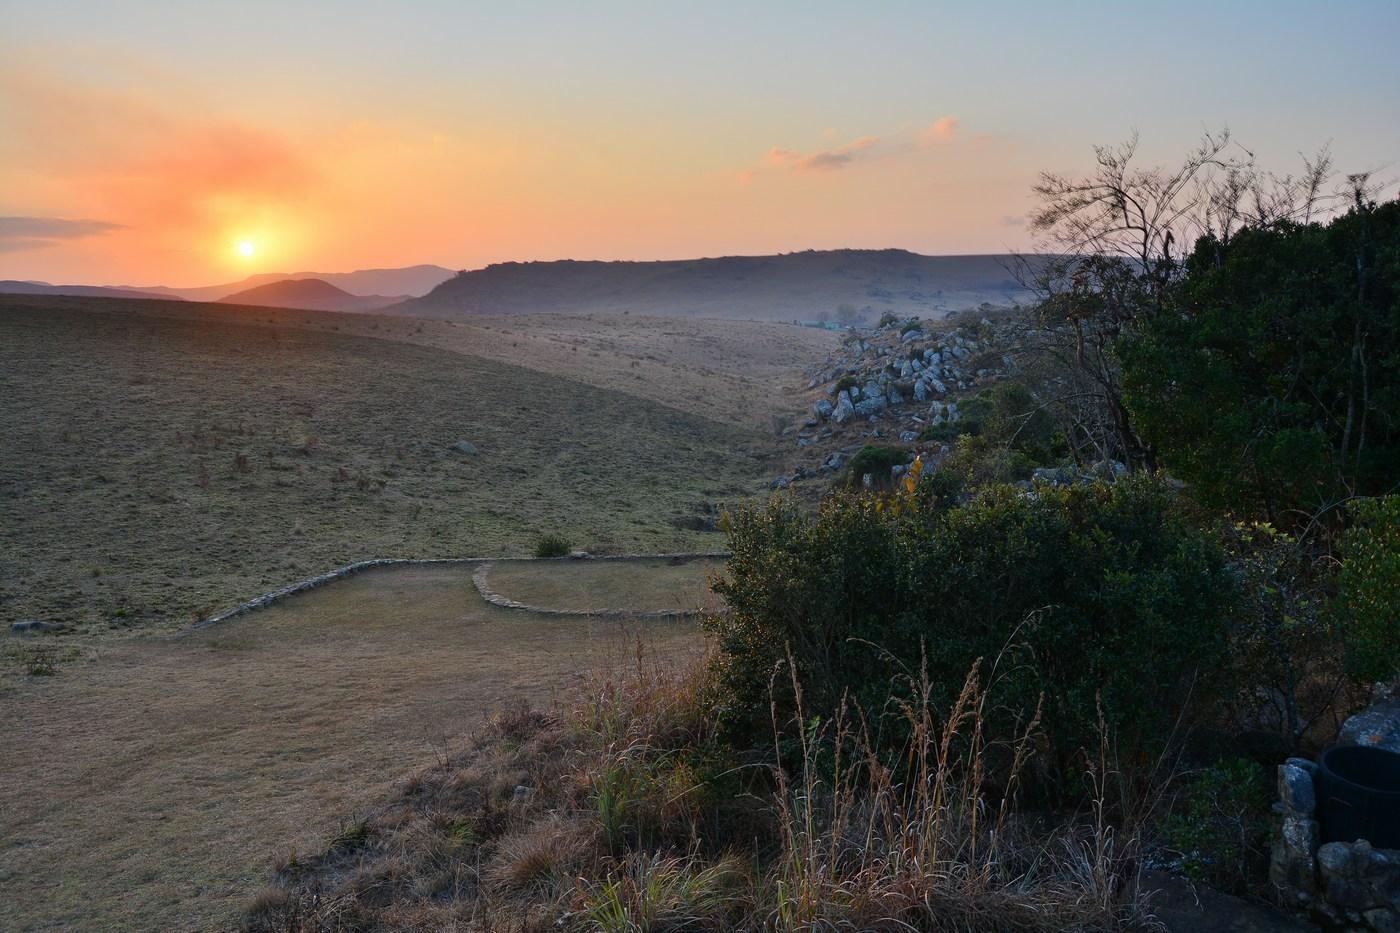 Coucher de soleil sur les collines à savane de la réserve.